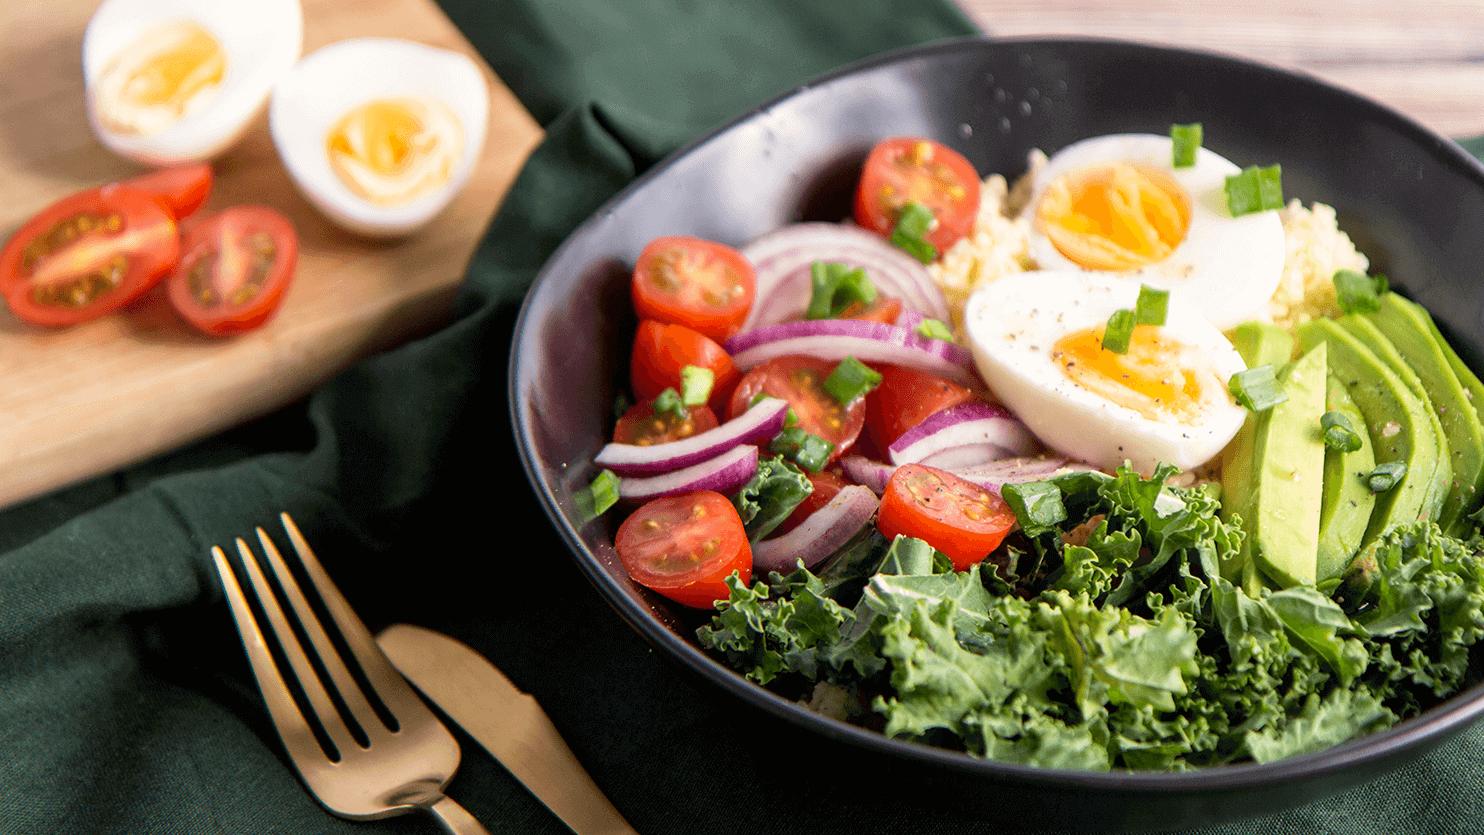 Sałatka z kaszą jaglaną, jajkiem, jarmużem i awokado